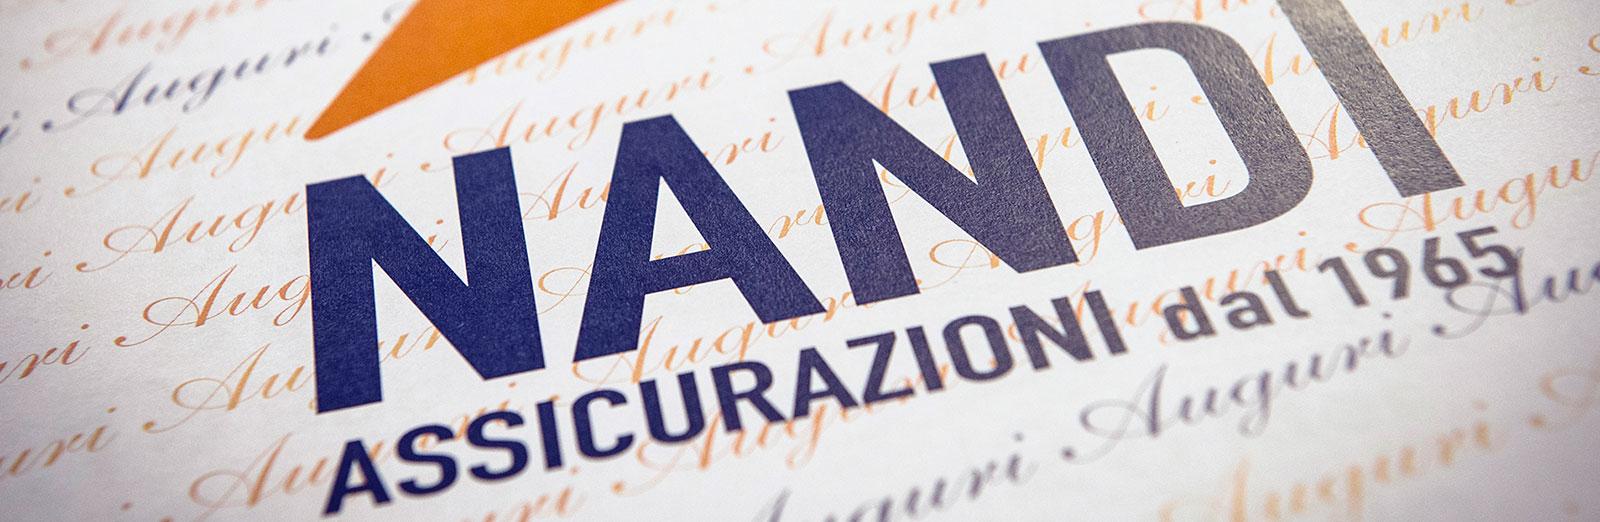 Assicurazioni Montebelluna Treviso Nandi Assicurazioni Srl